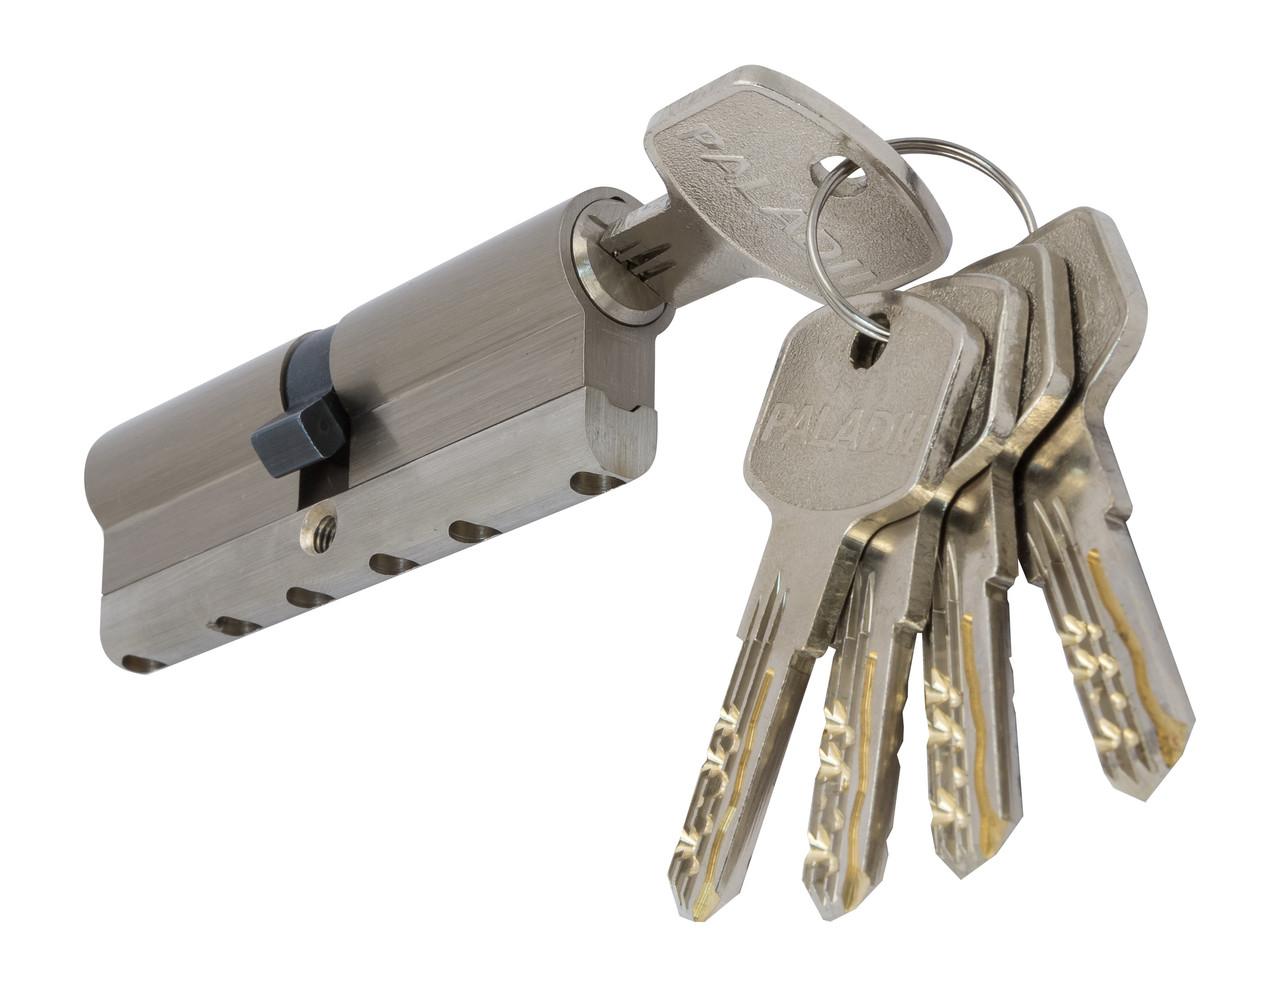 PALADII циліндровий механізм латунний з вставкою 90мм (40*50) 5 гібридних ключа, сатен